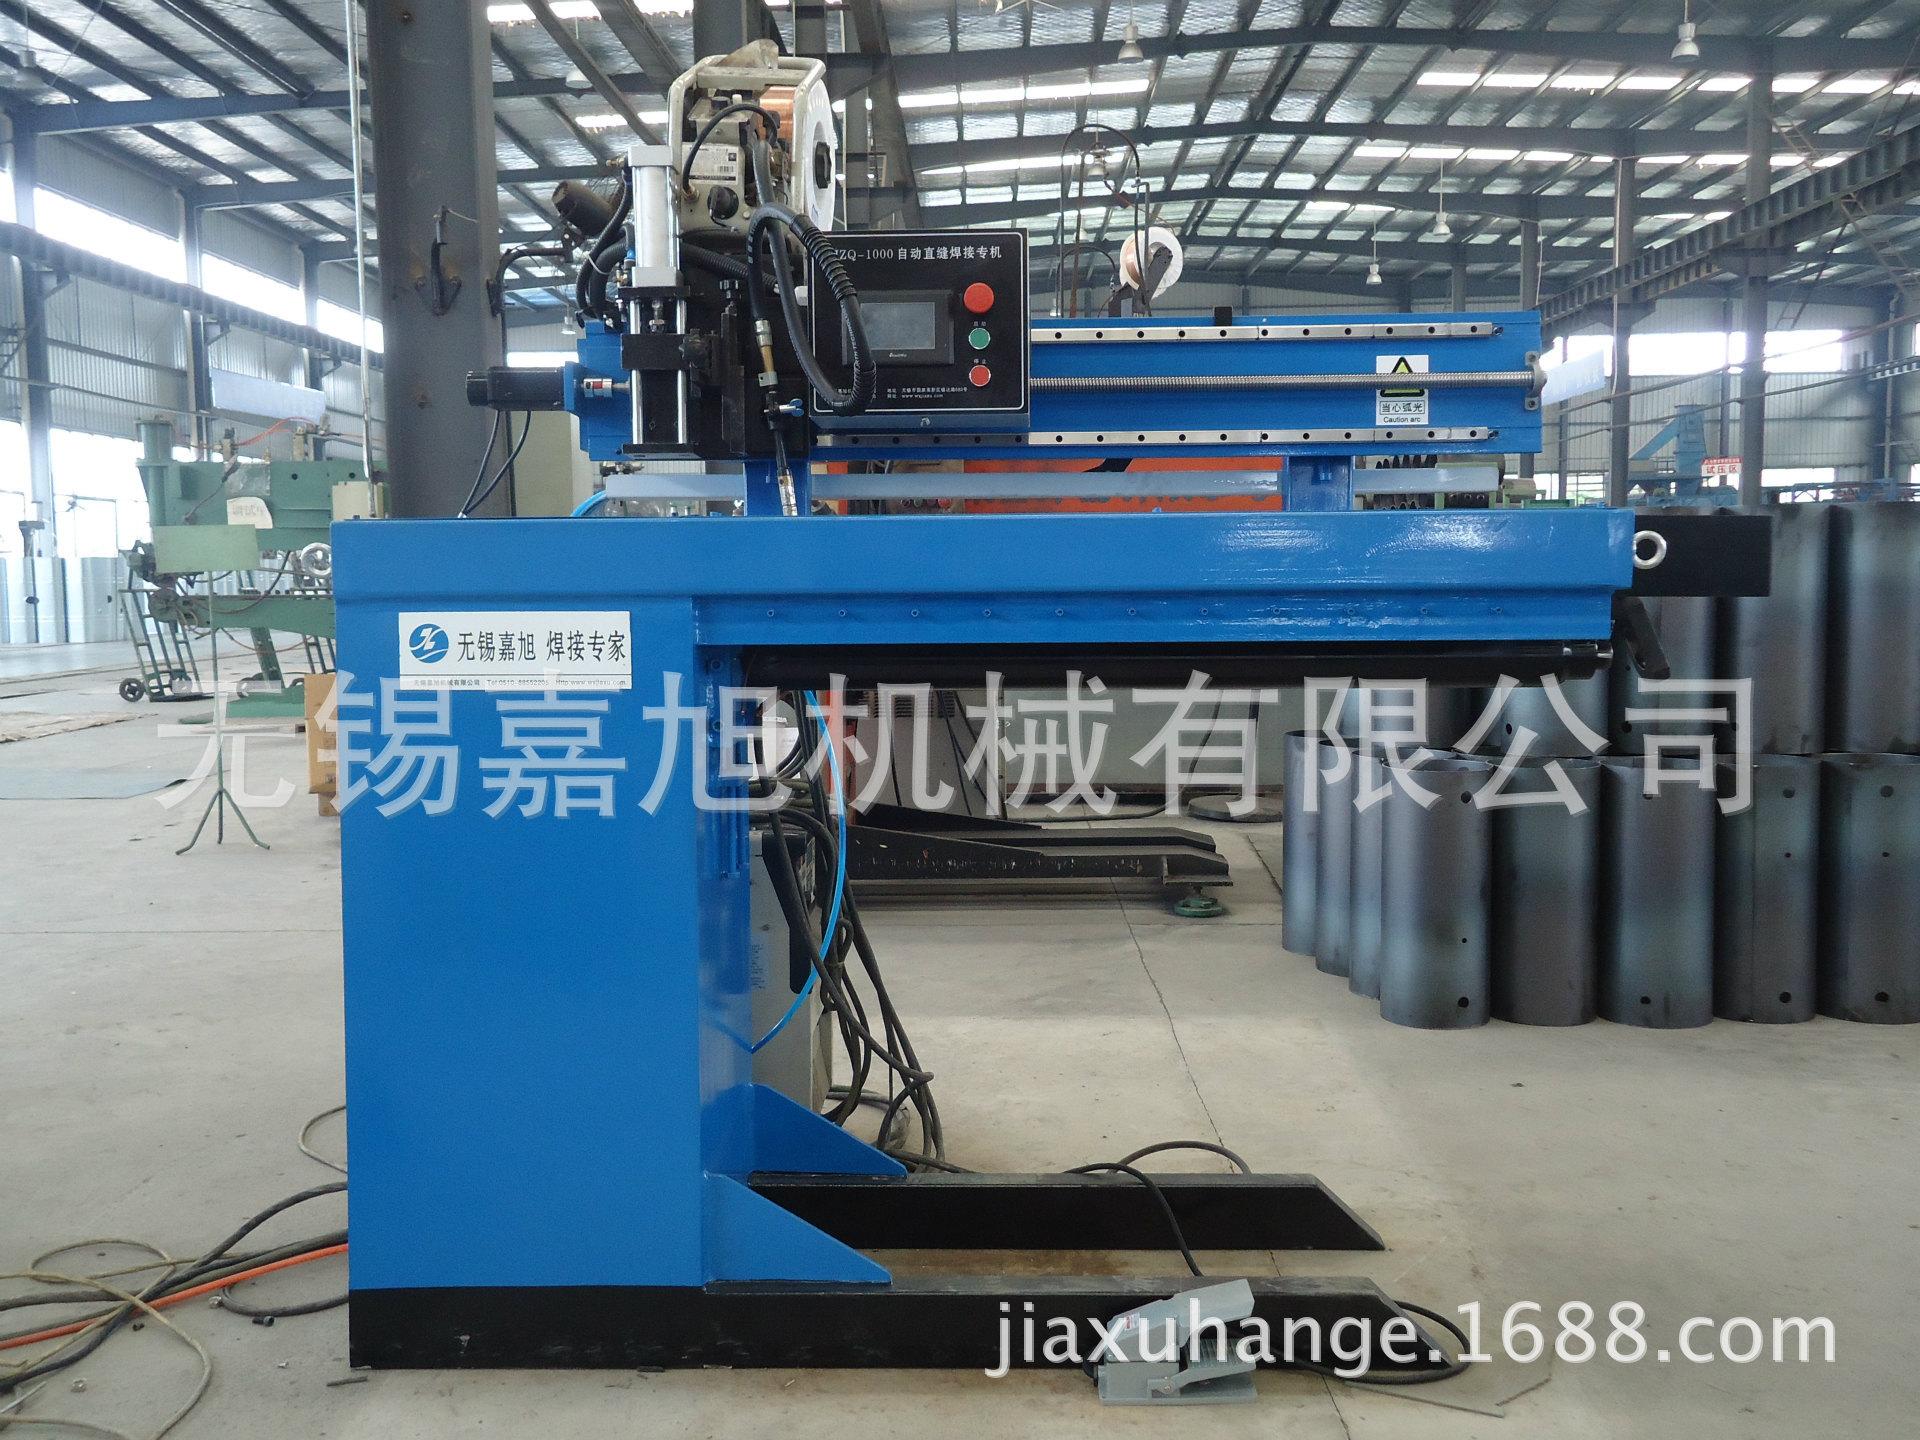 【无锡嘉旭】JZQ-1250直缝自动焊自动直缝焊接机